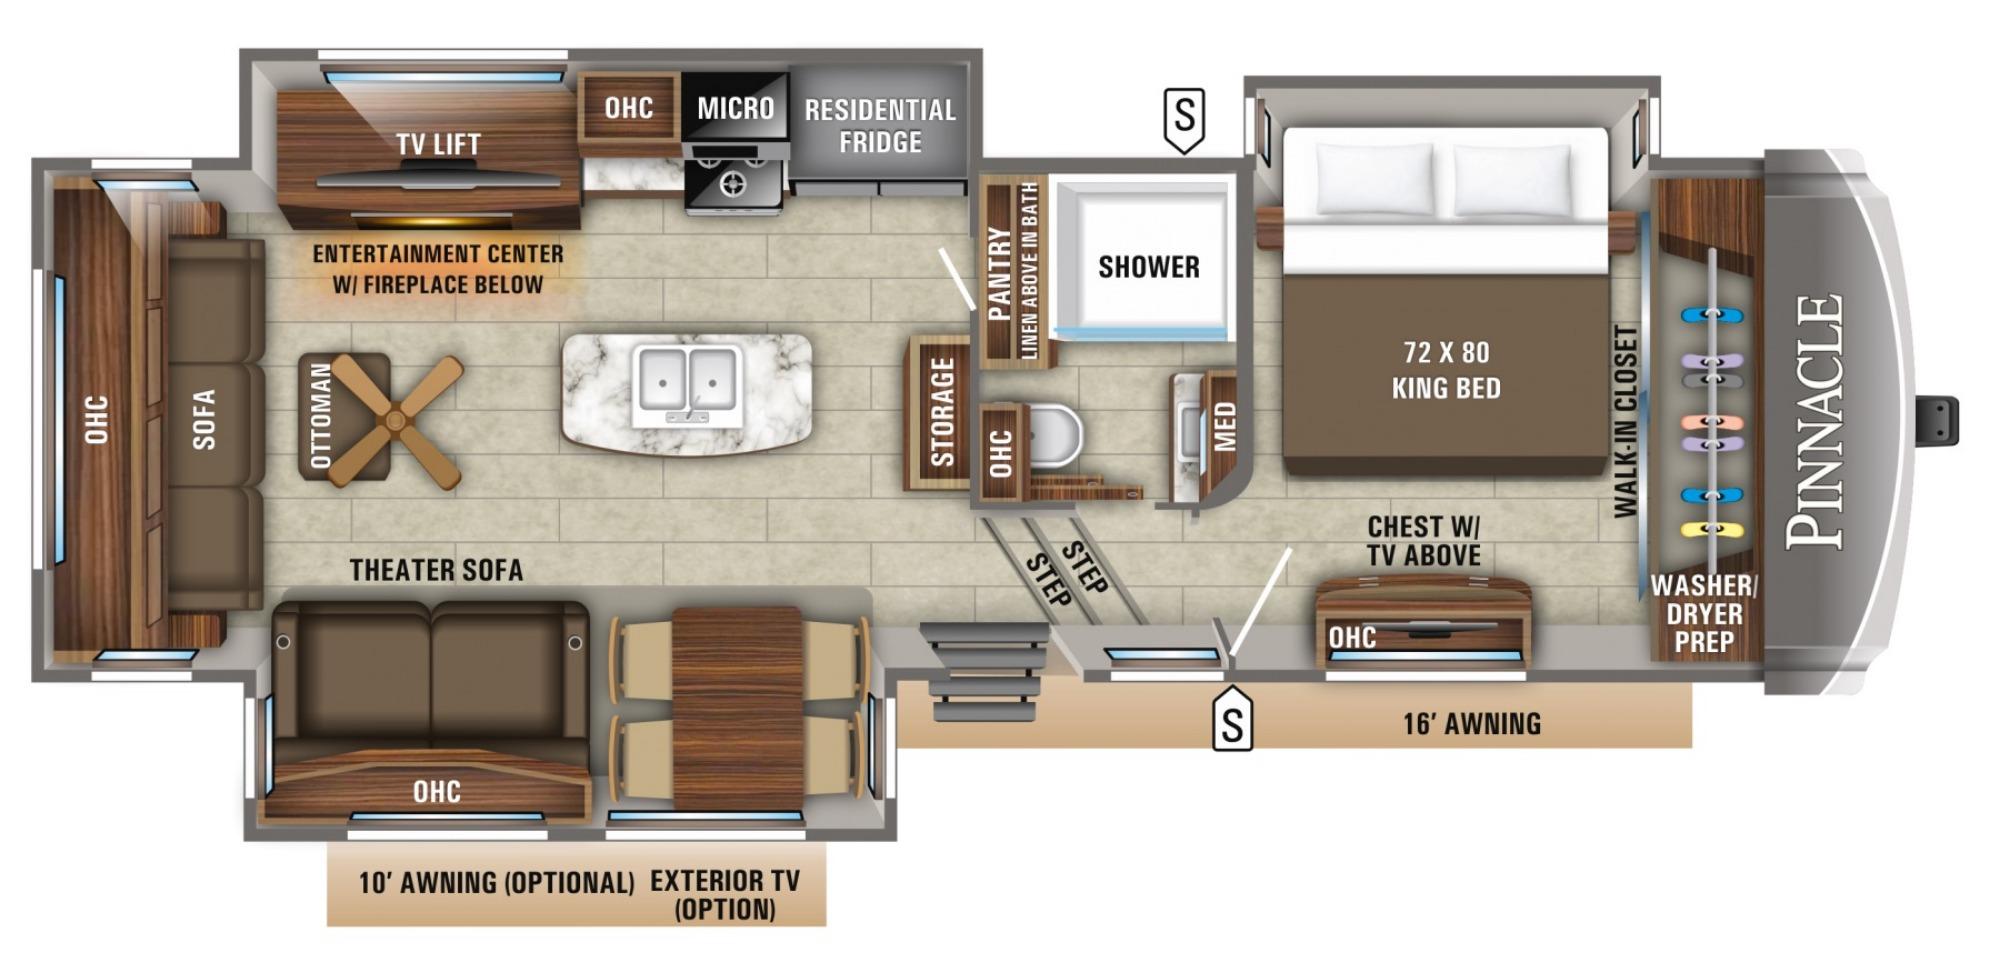 Bedroom : 2019-JAYCO-32RLTS